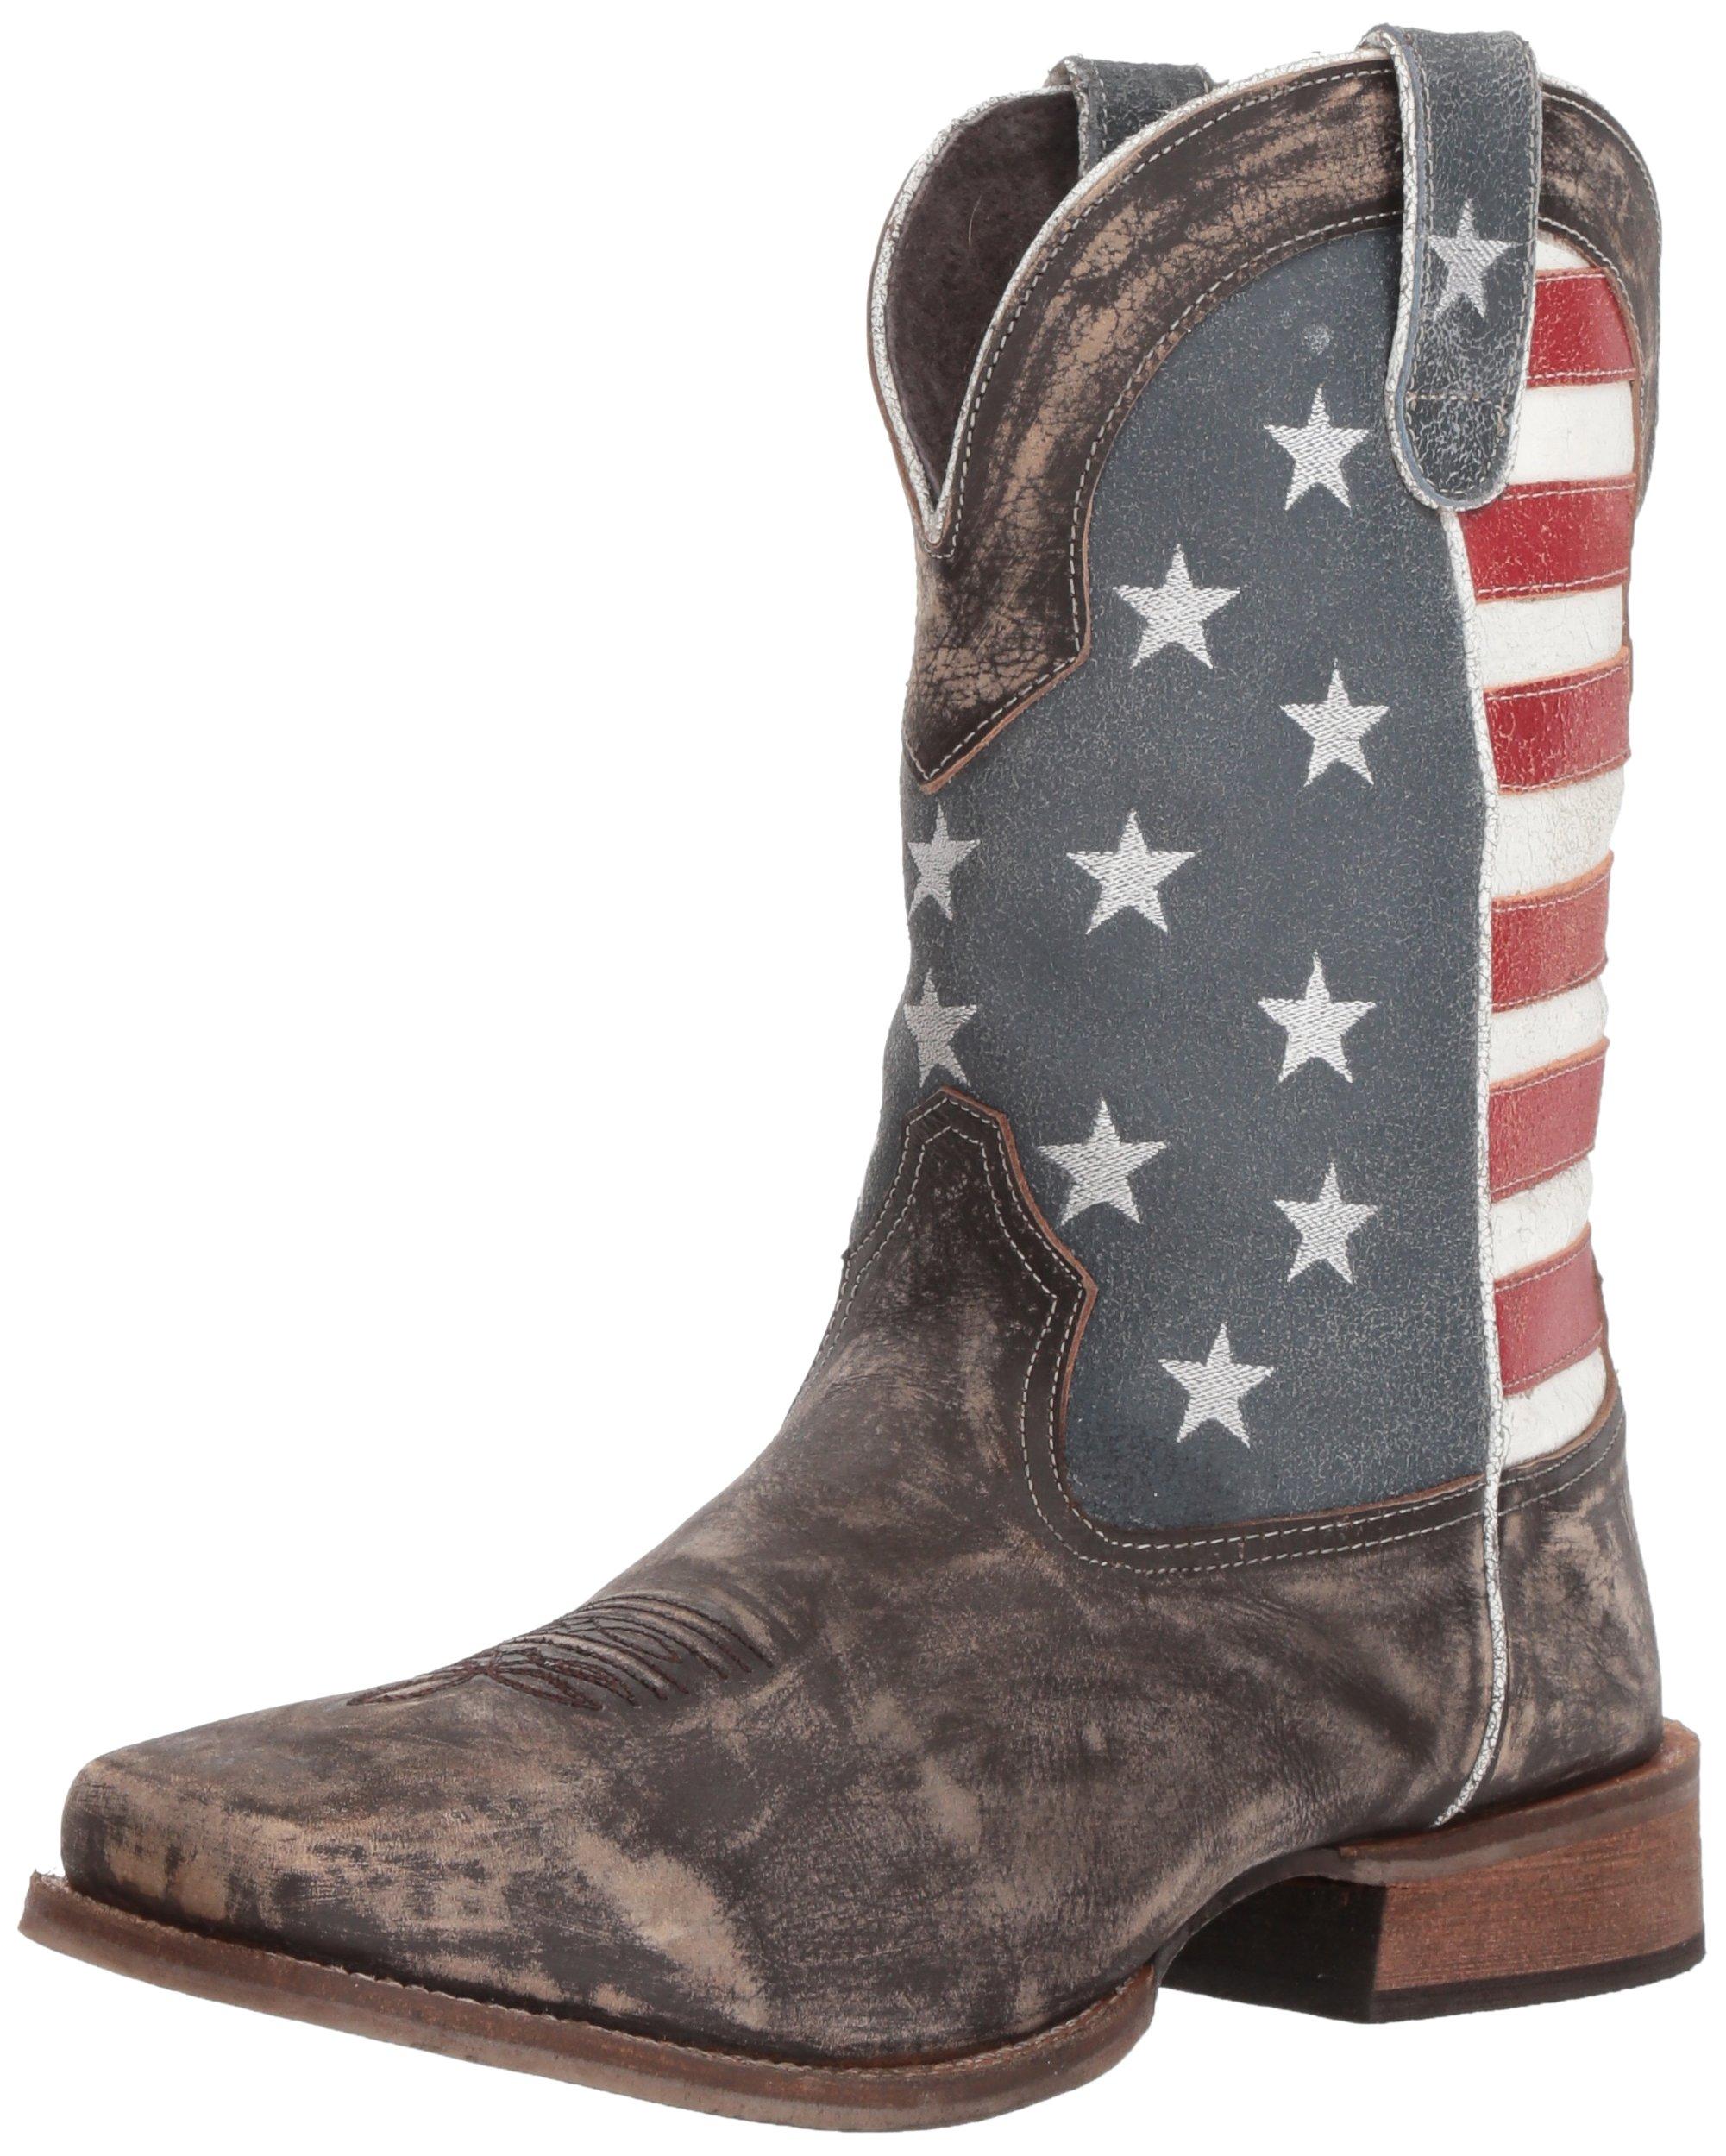 Roper Men's America Western Boot, Brown, 9.5 EE Wide US